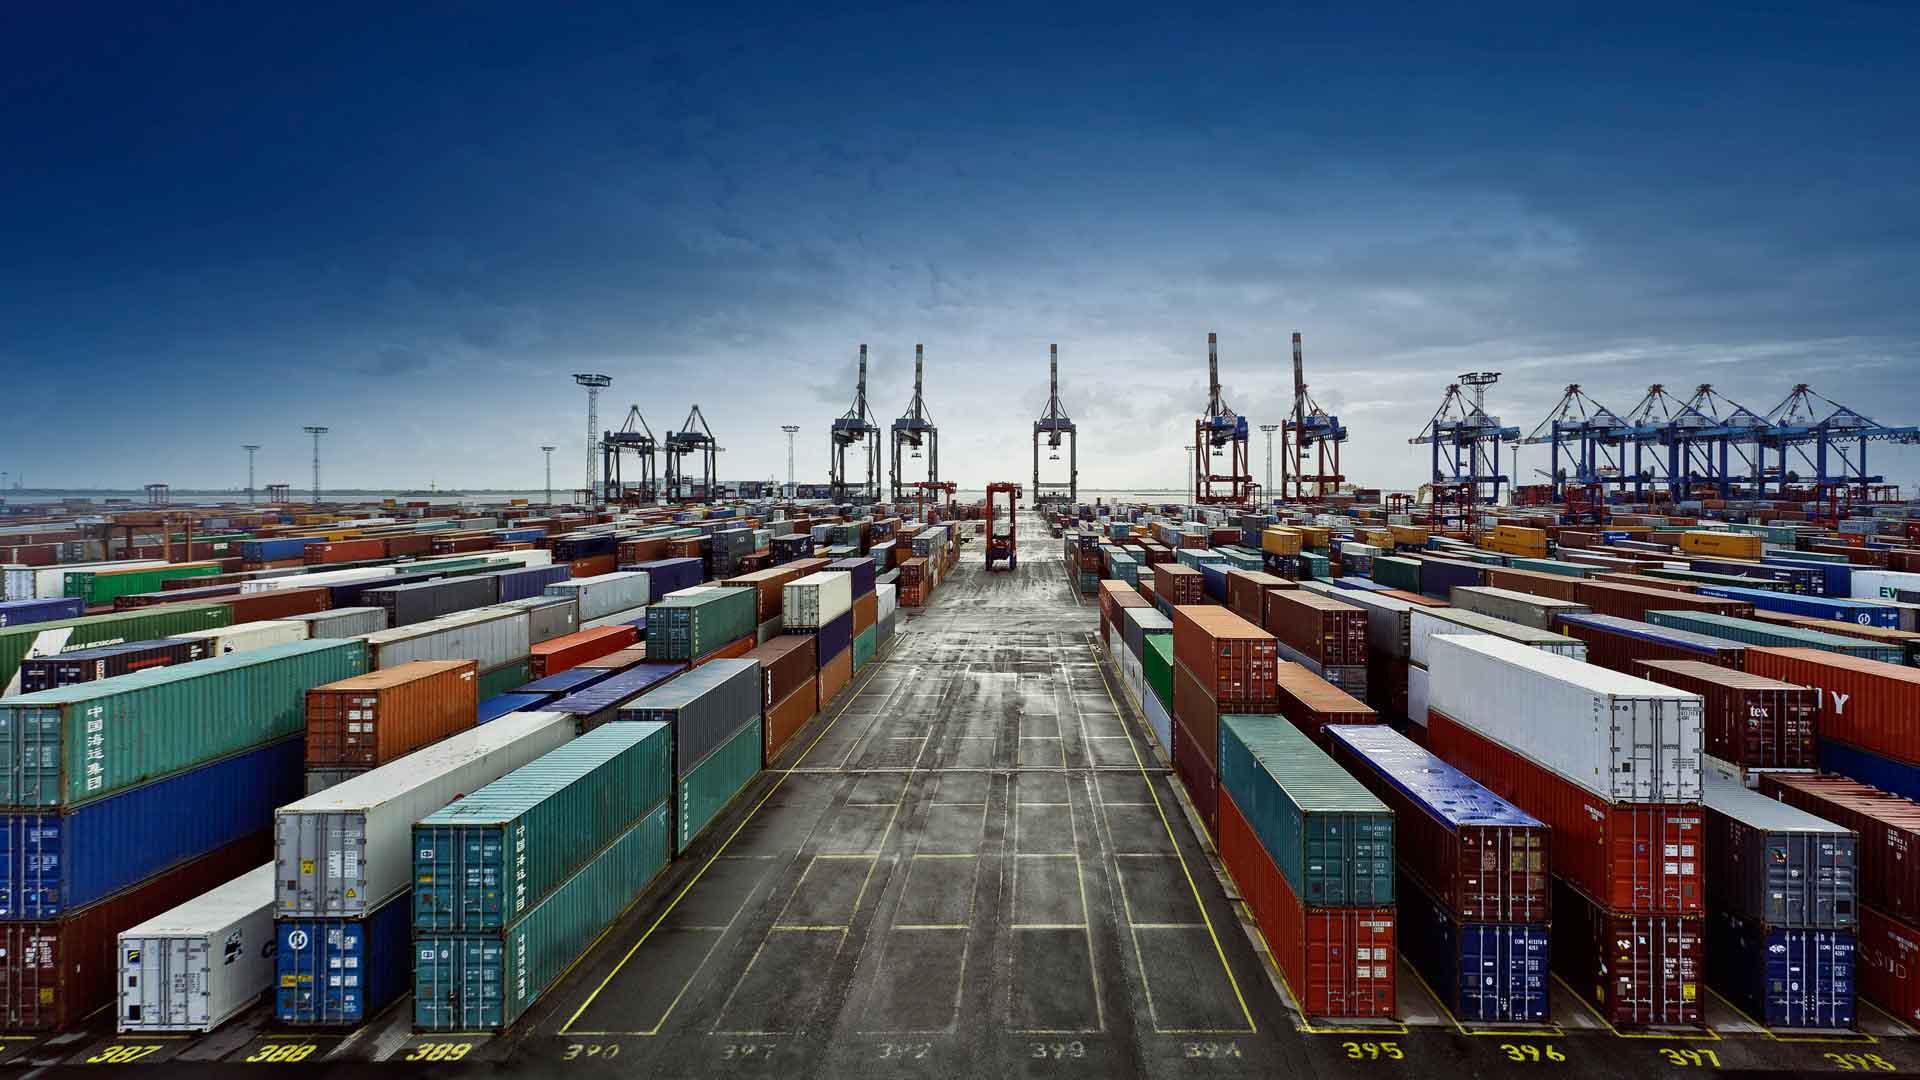 نگاهی به صادرات و واردات استان کرمان در نیمه اول سال جاری